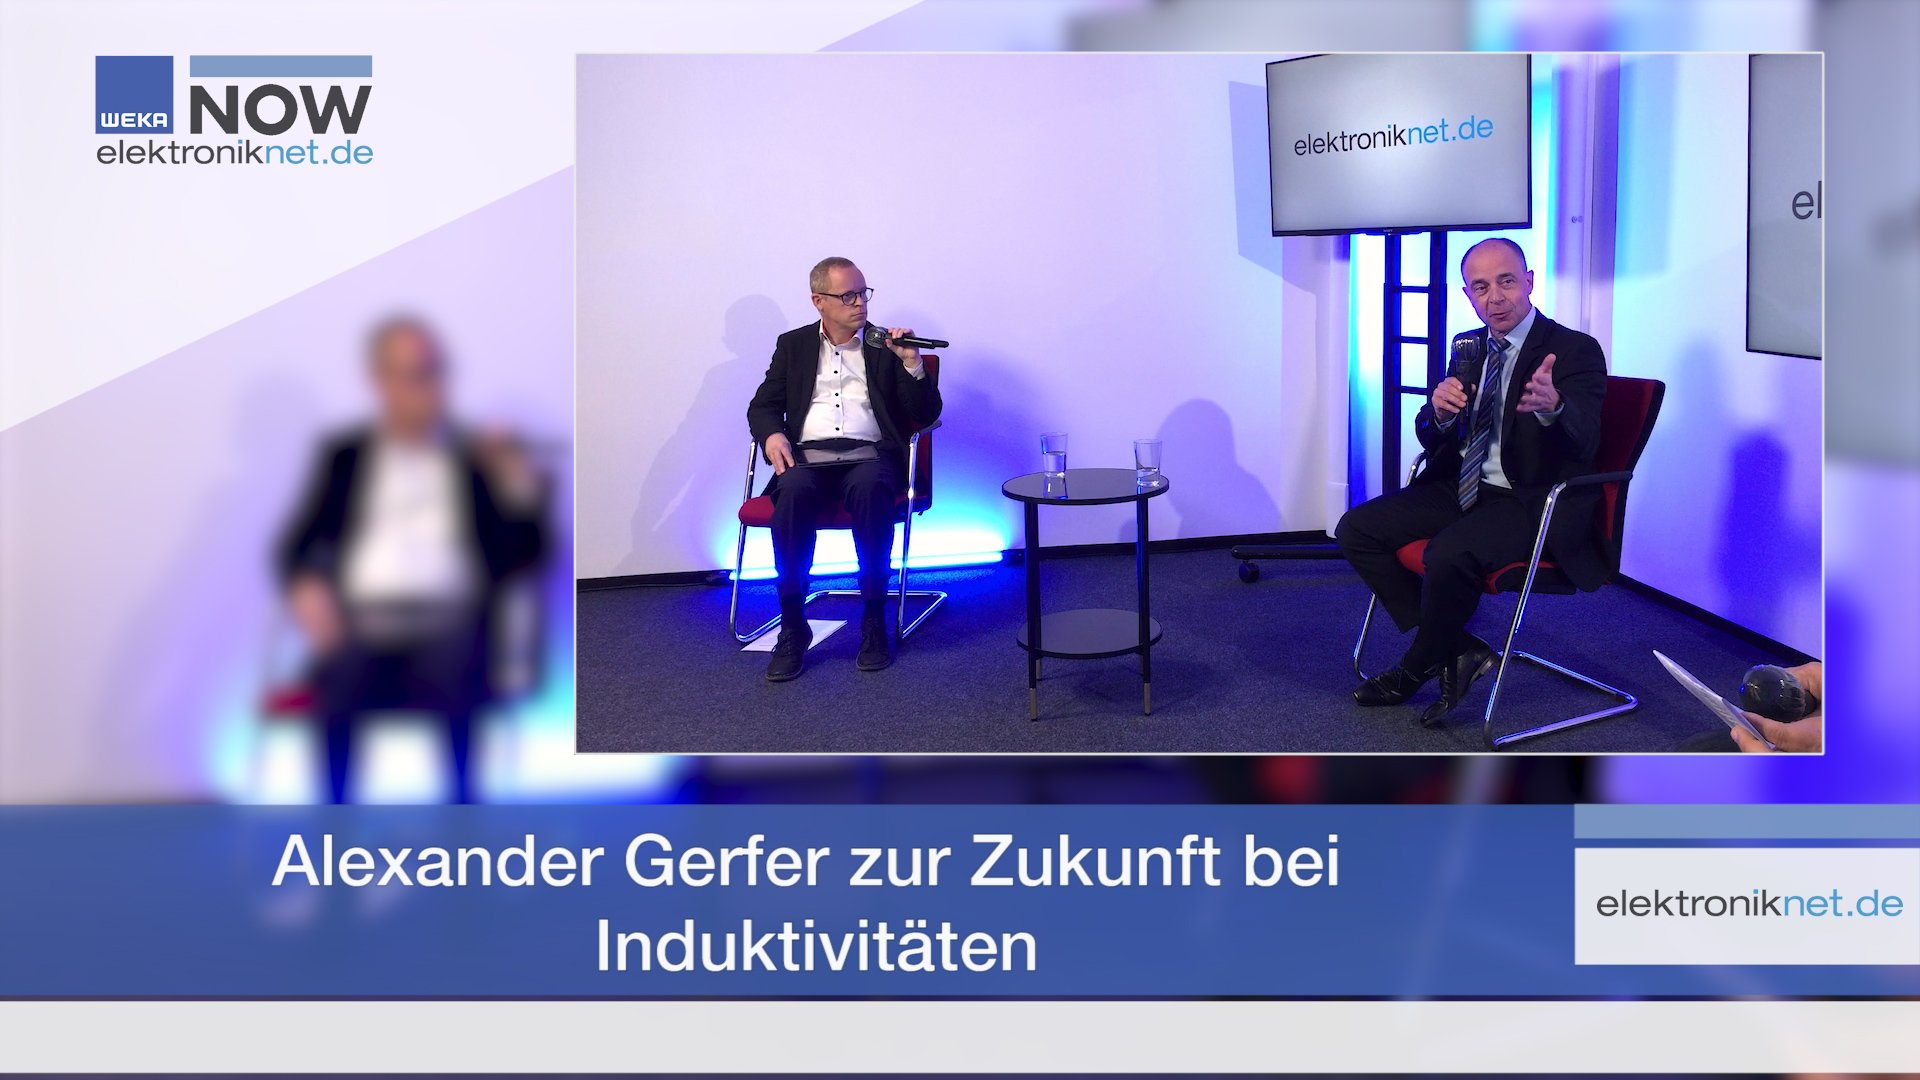 Alexander Gerfer zur Zukunft bei Induktivitäten